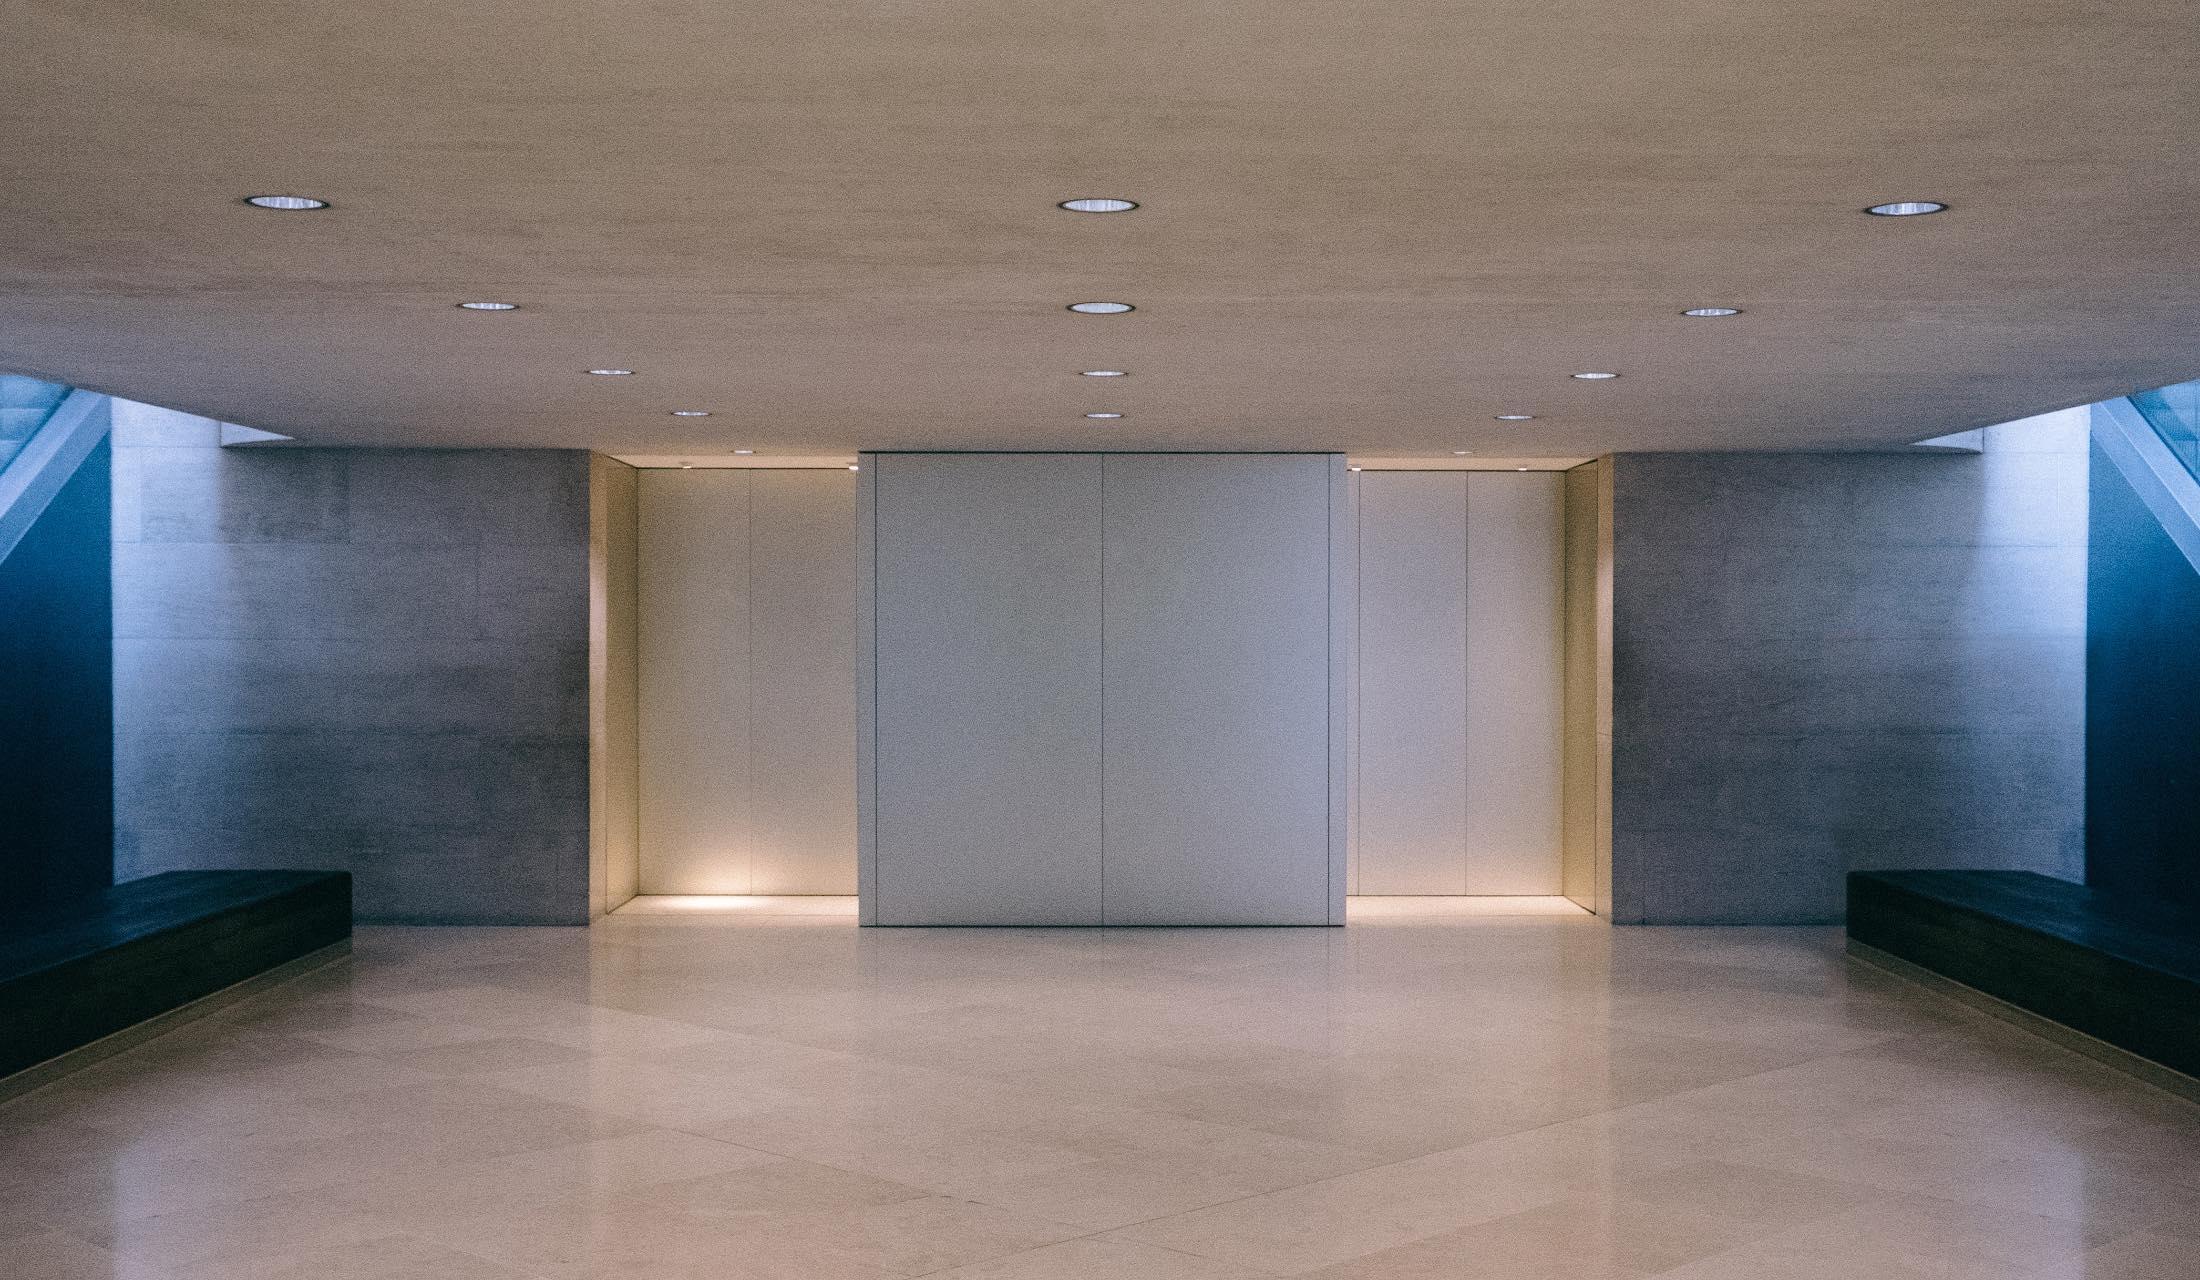 エレベーターの中でポージングをする女性